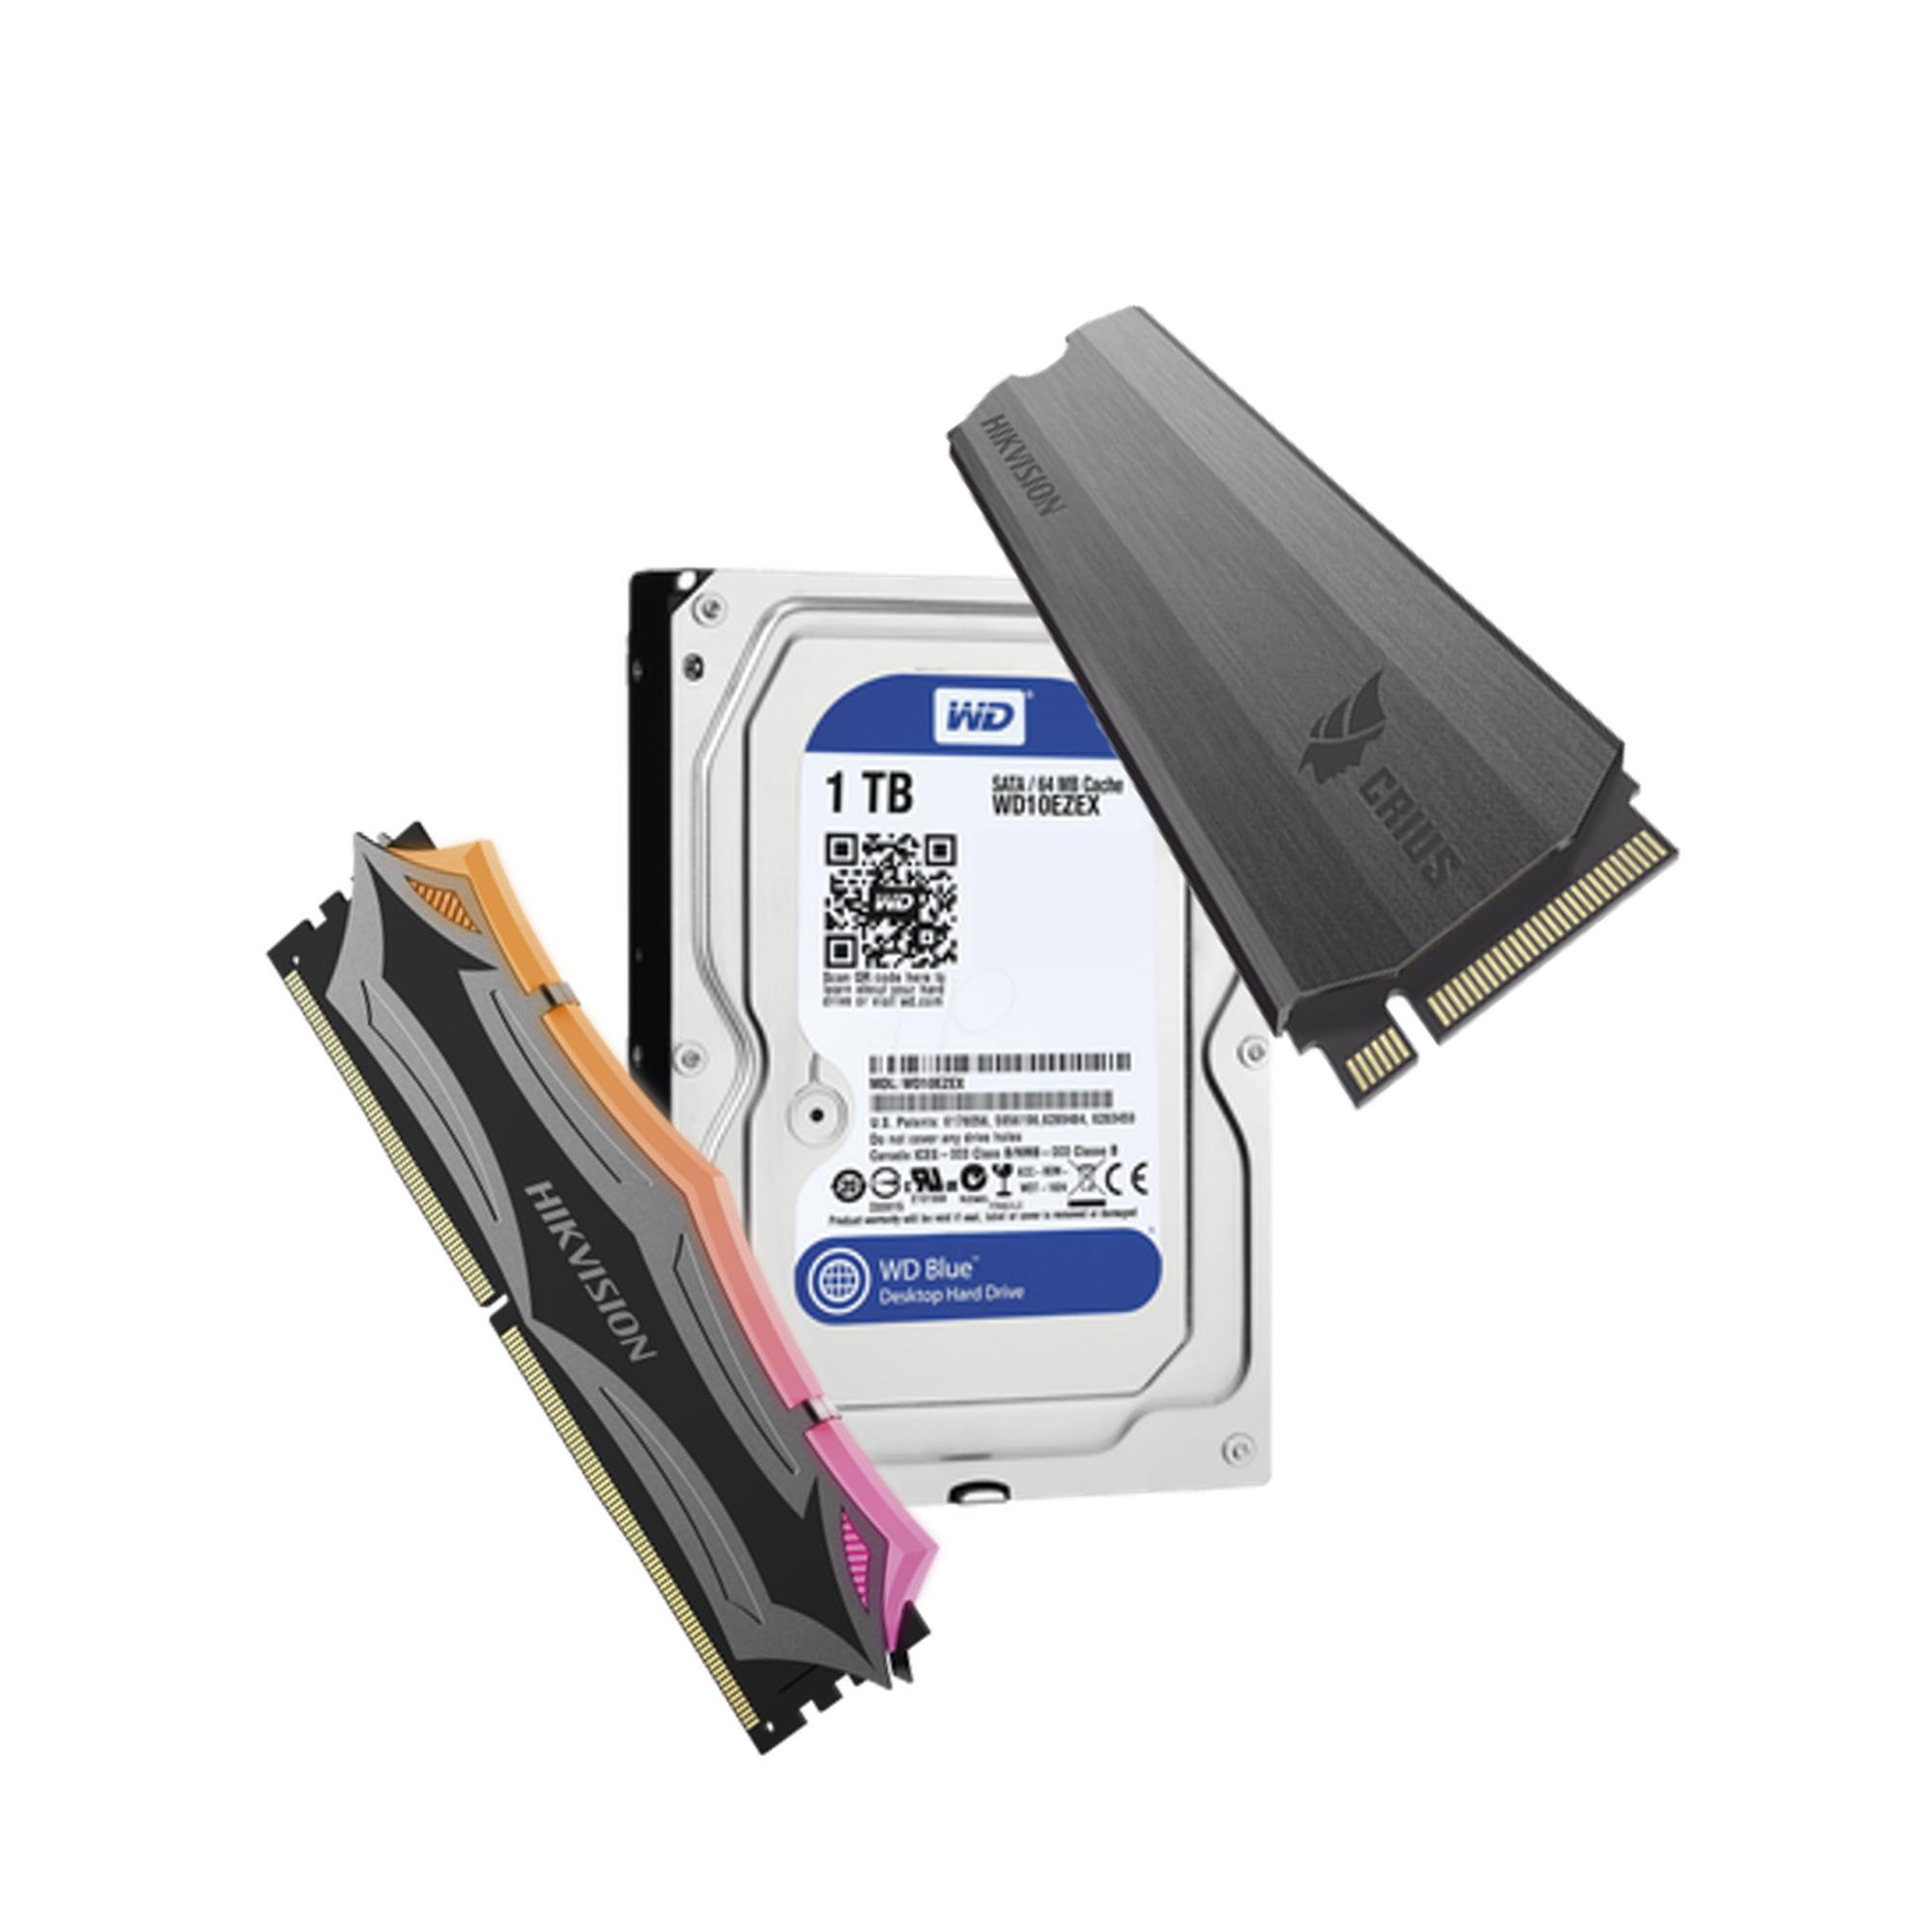 Kit Gamer de RAM 16GB, SSD 1024GB y HDD 1TB